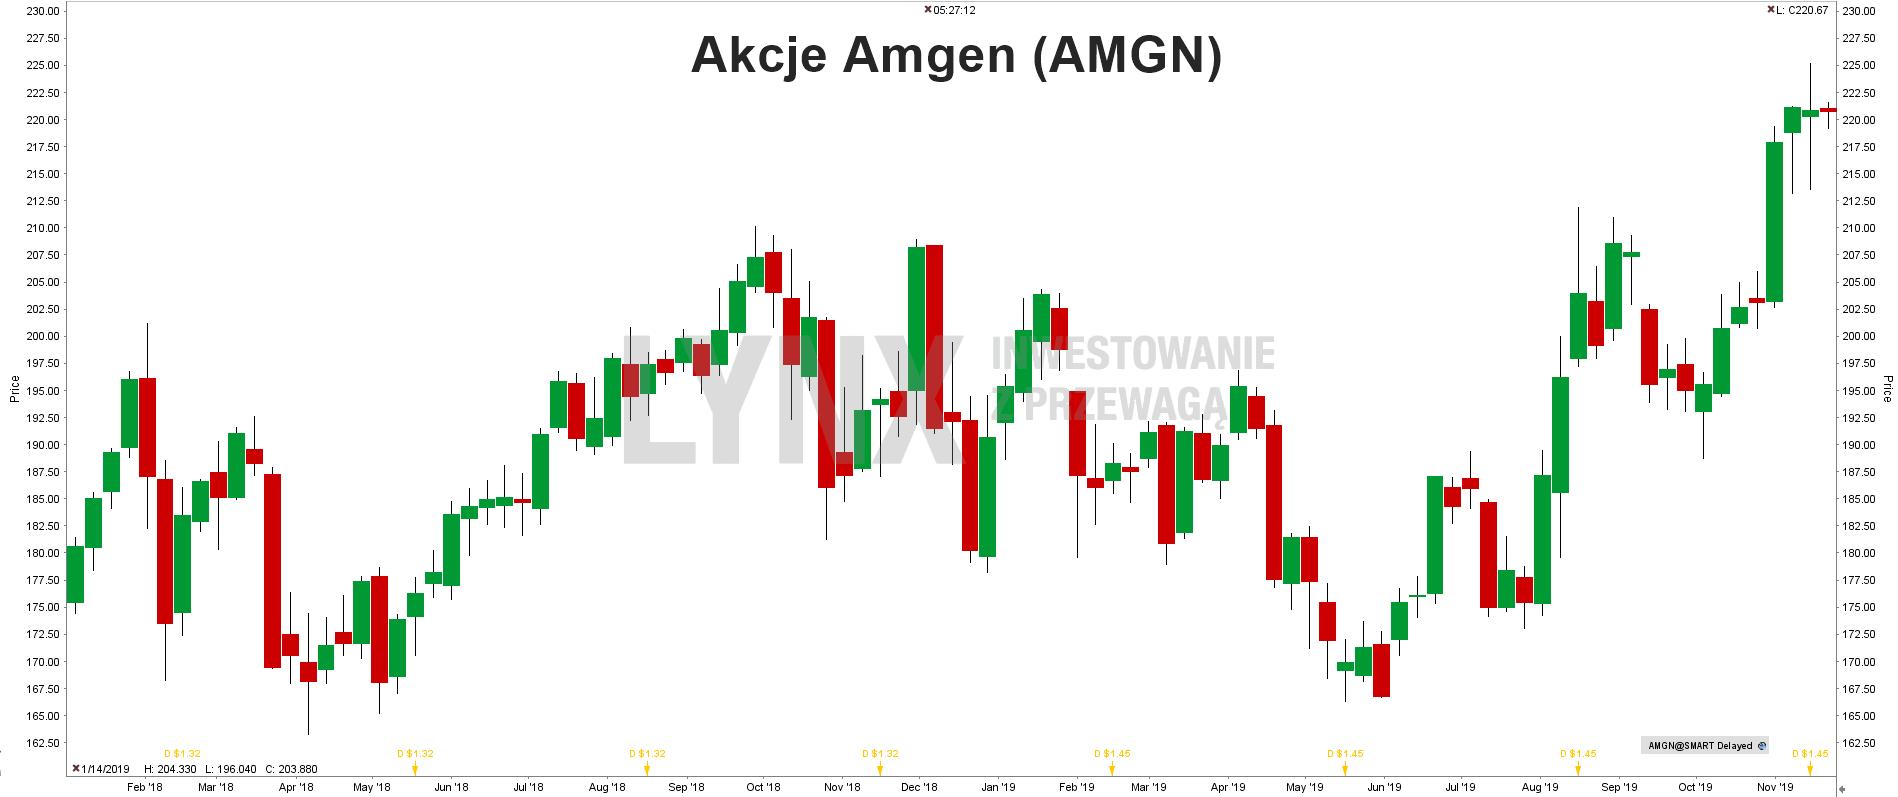 Akcje Amgen